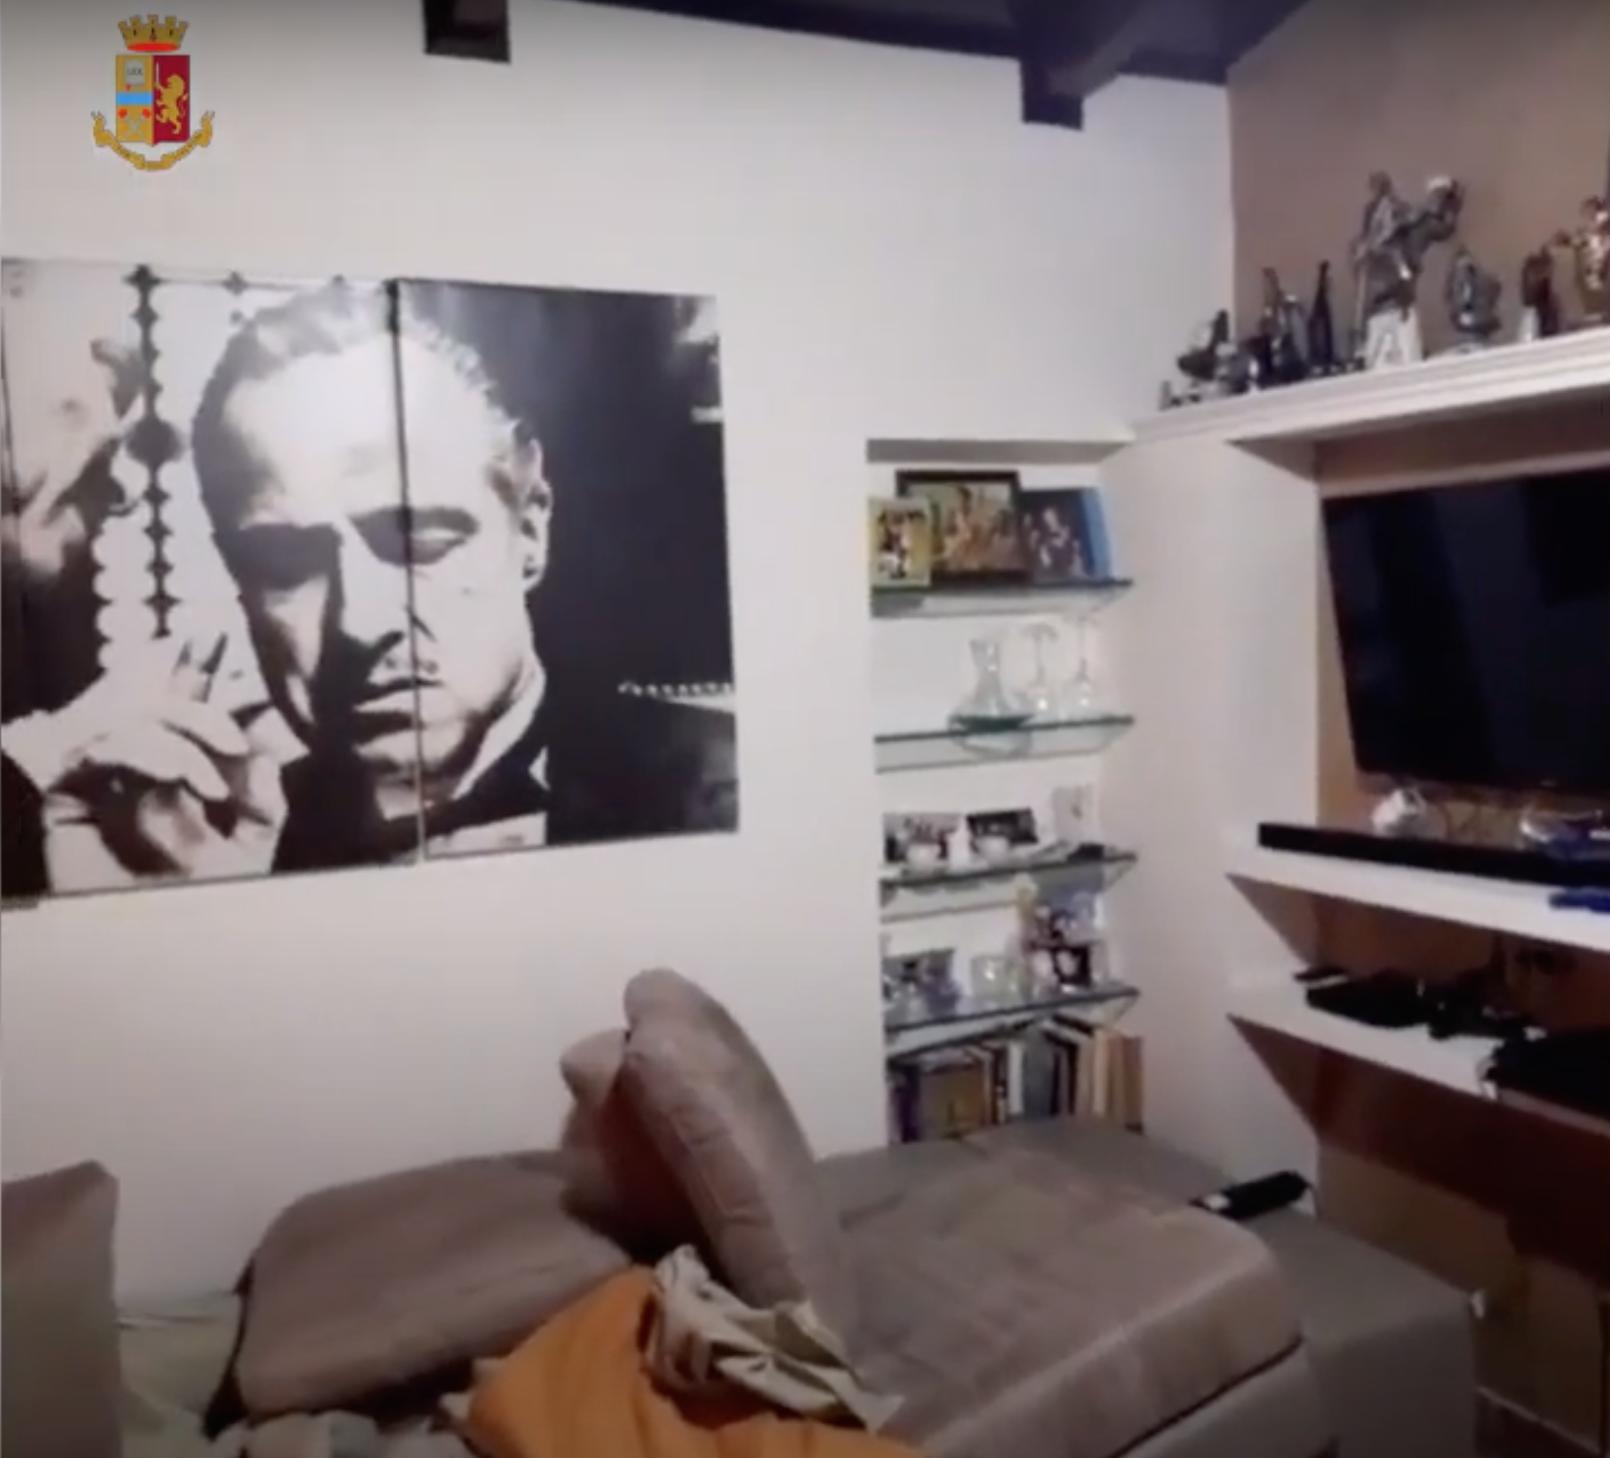 Il poster di Marlon Brando che interpreta Il Padrino dentro la casa di uno degli arrestati